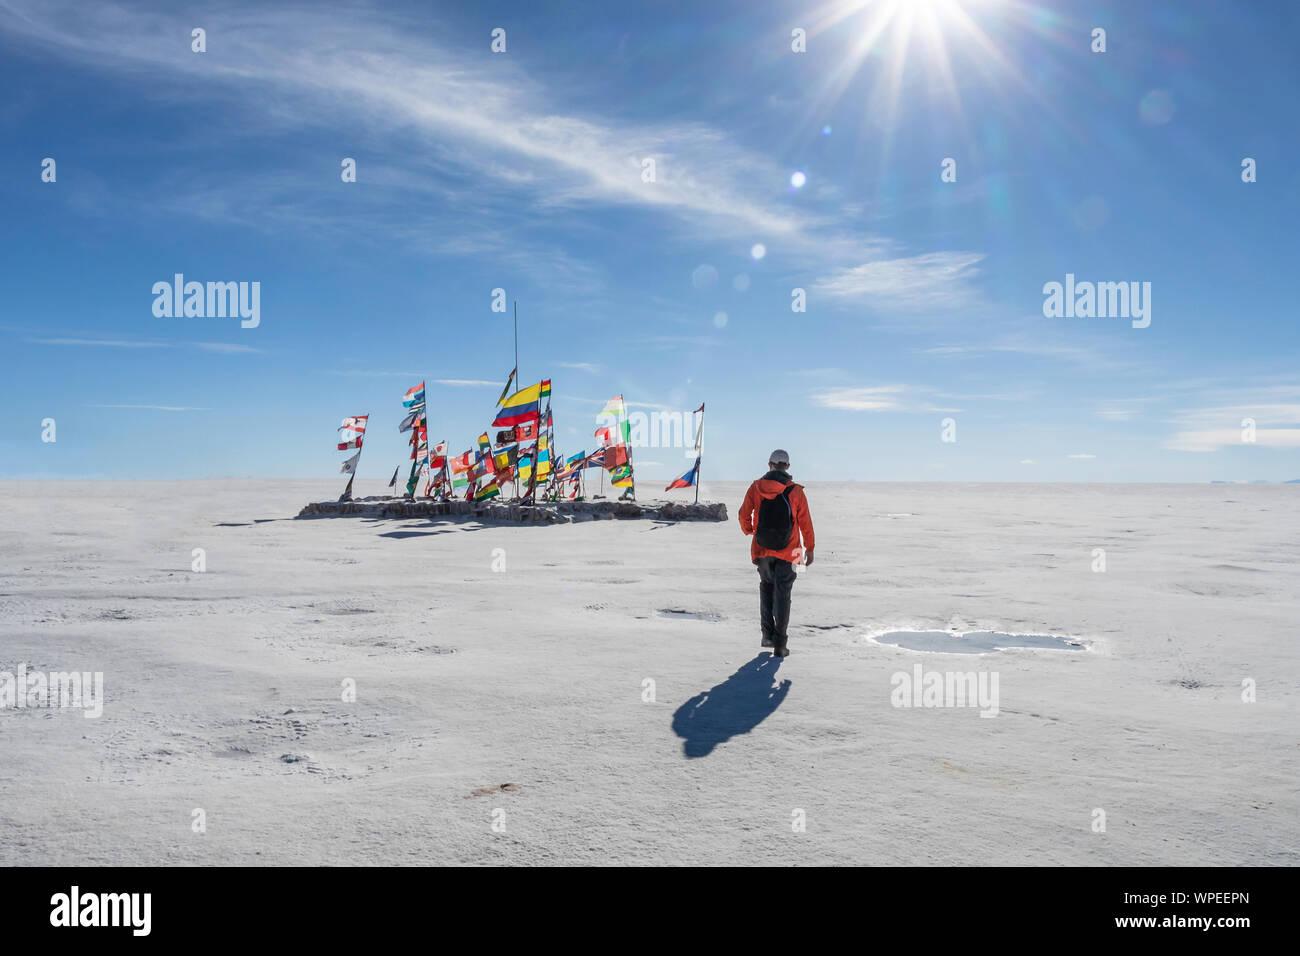 Joven caminando hacia las banderas internacionales de diferentes países en el Salar de Uyuni en día soleado con rayos de sol, Bolivia, South America Travel voc Foto de stock